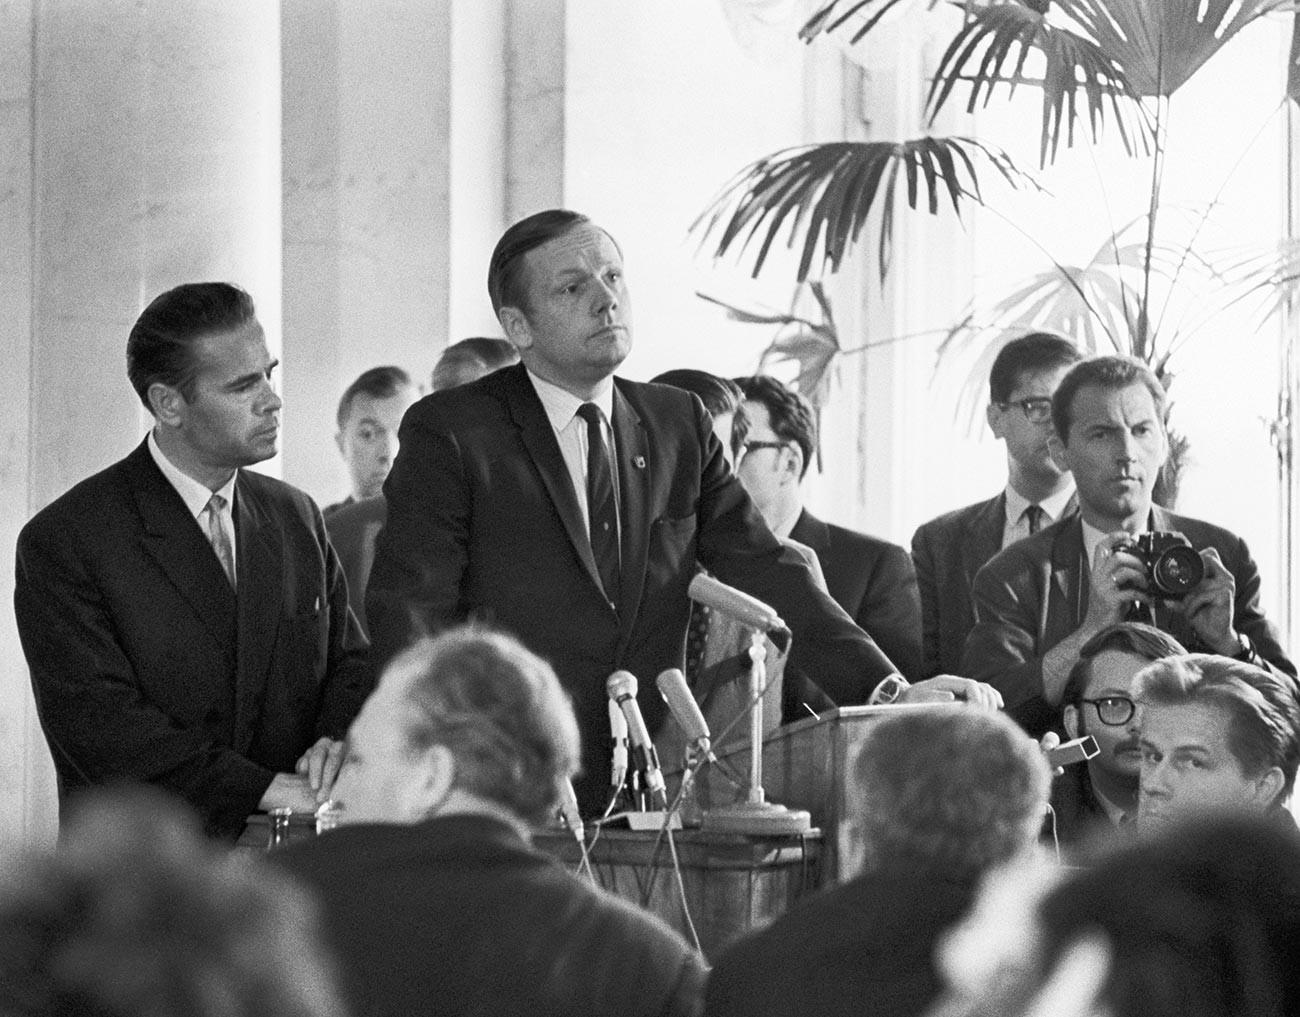 Neil Armstrong, au centre, lors d'une conférence de presse à l'Académie des sciences de l'URSS